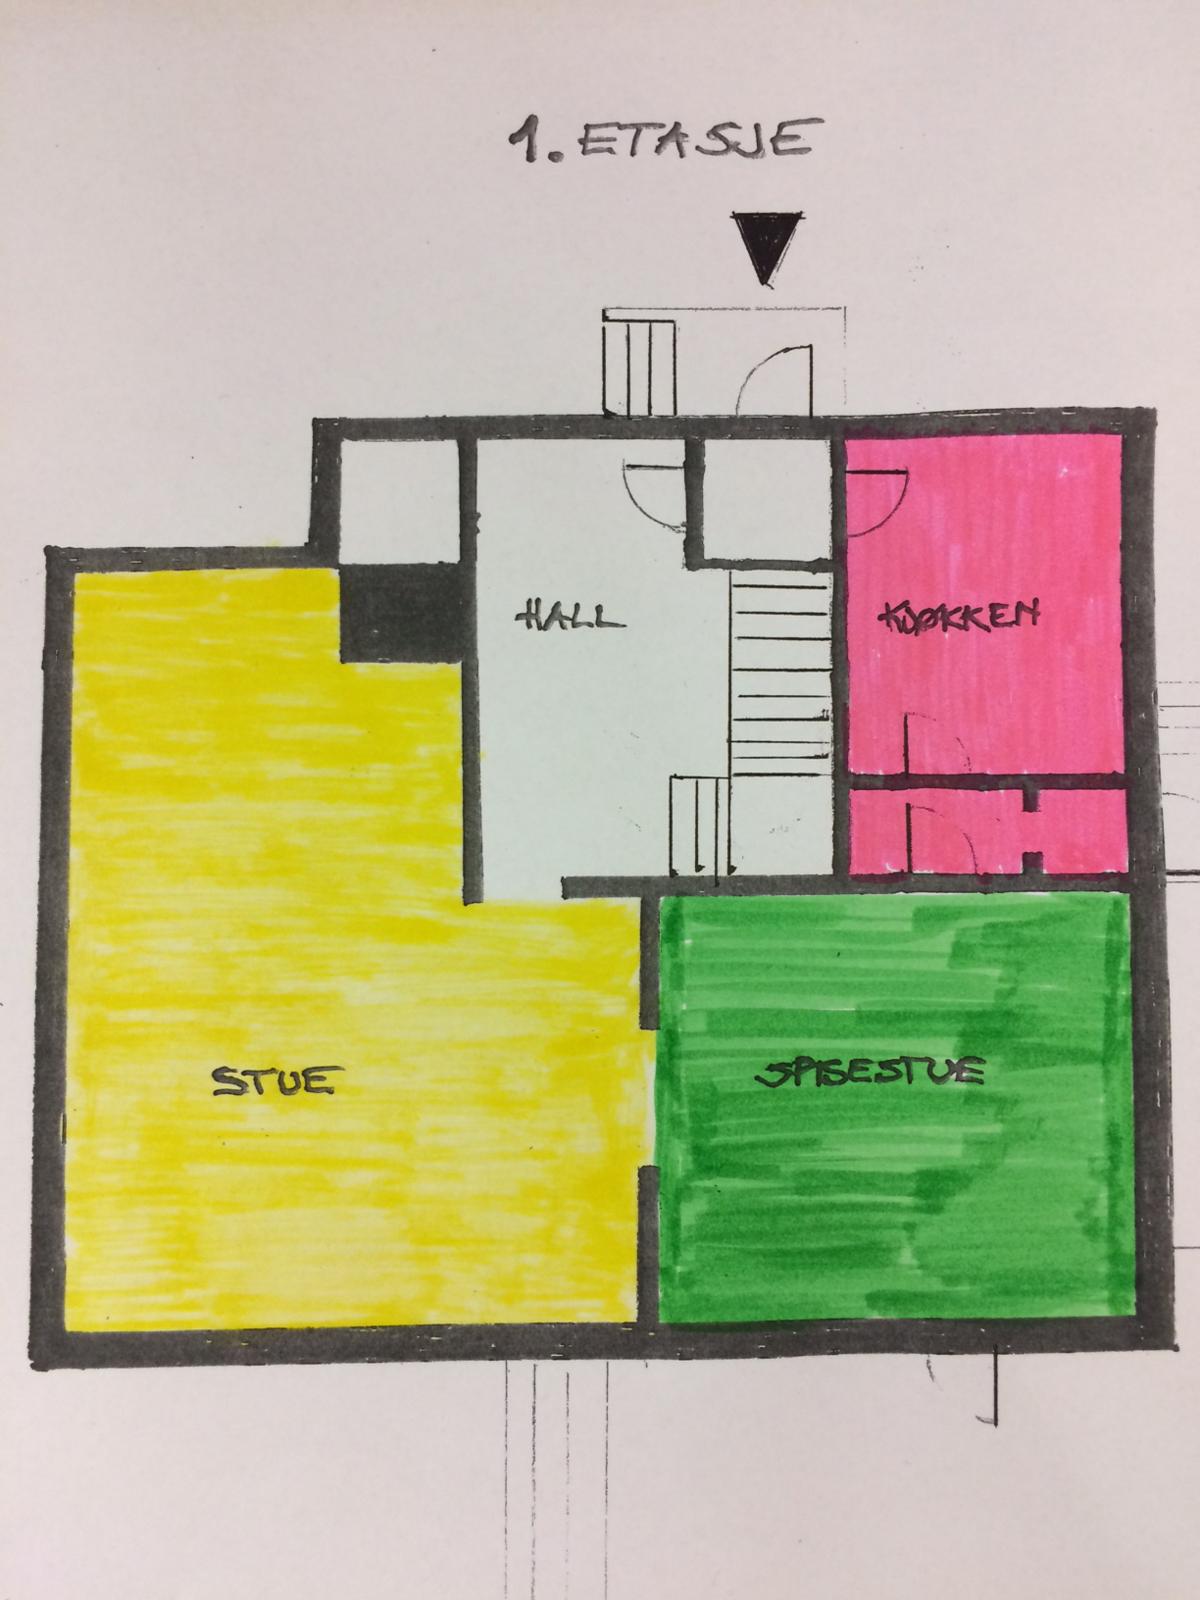 Plantegning av første etasje med stue, hall, kjøkken og spisestue.